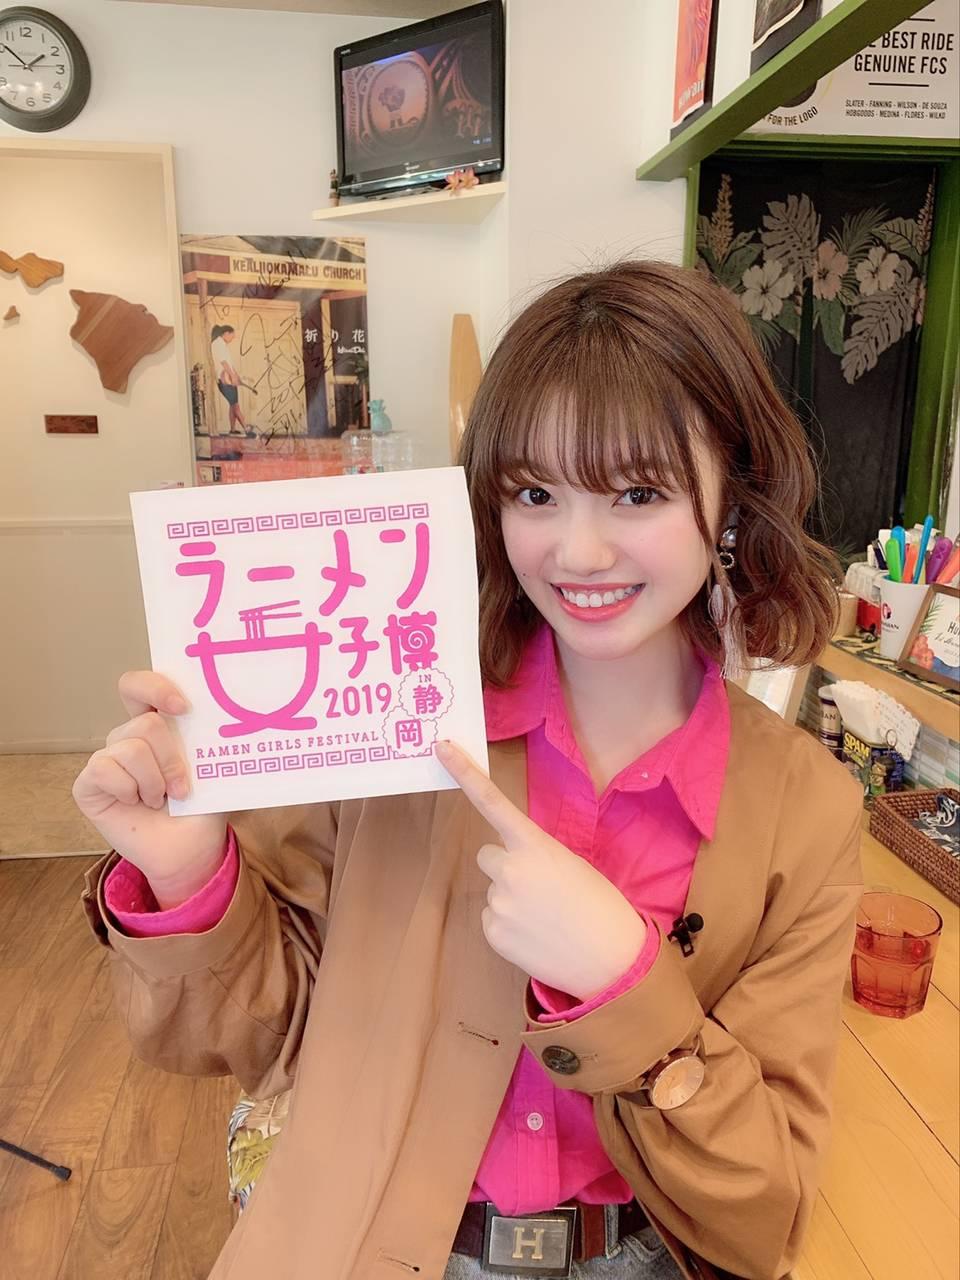 『ラーメン女子博』を盛り上げるサポーターにショートヘアのラーメン大好き美少女・萩田帆風が就任!SNSを通じて日本や海外の方たちへイベントの魅力を発信!